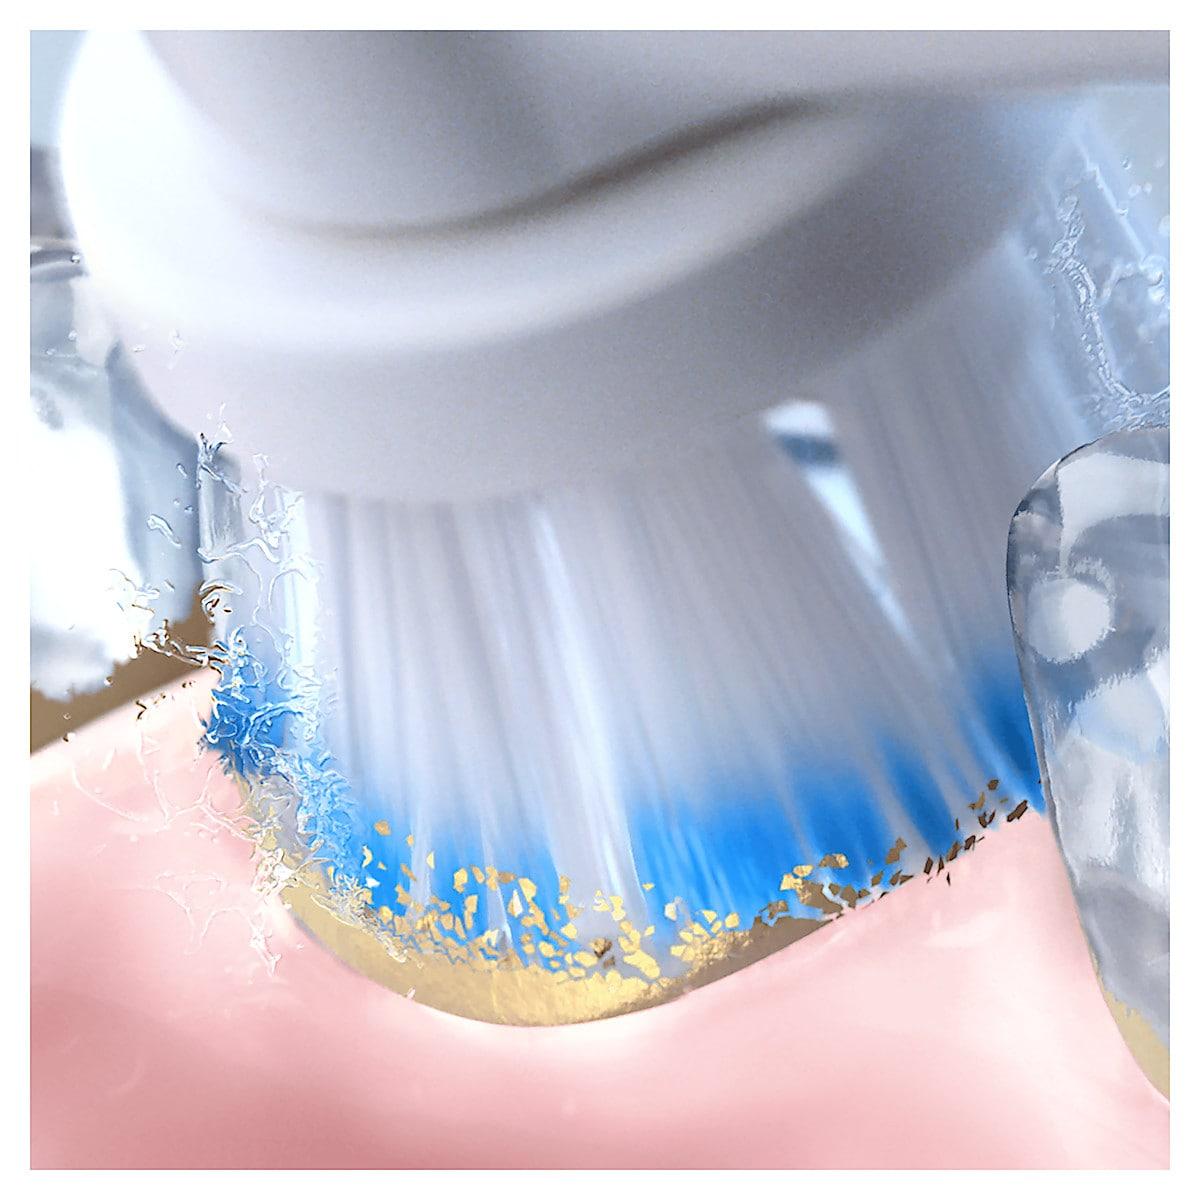 Oral-B PRO 2 2200S elektrische Zahnbürste Sensitive Clean